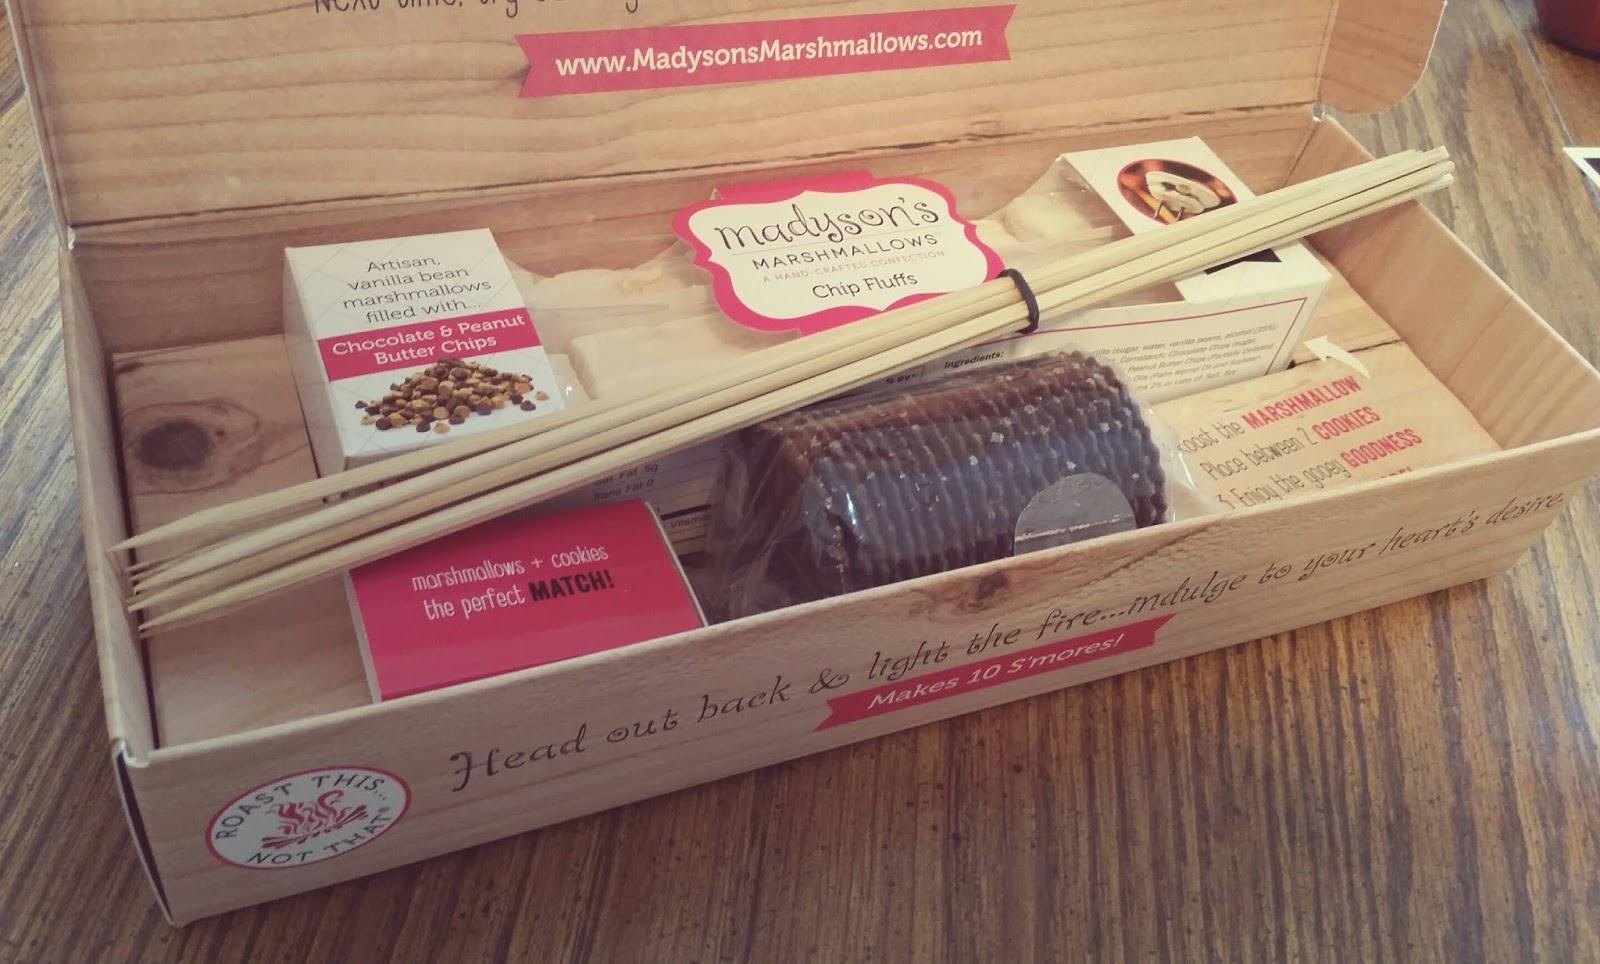 Madyson's artisan s'mores kit